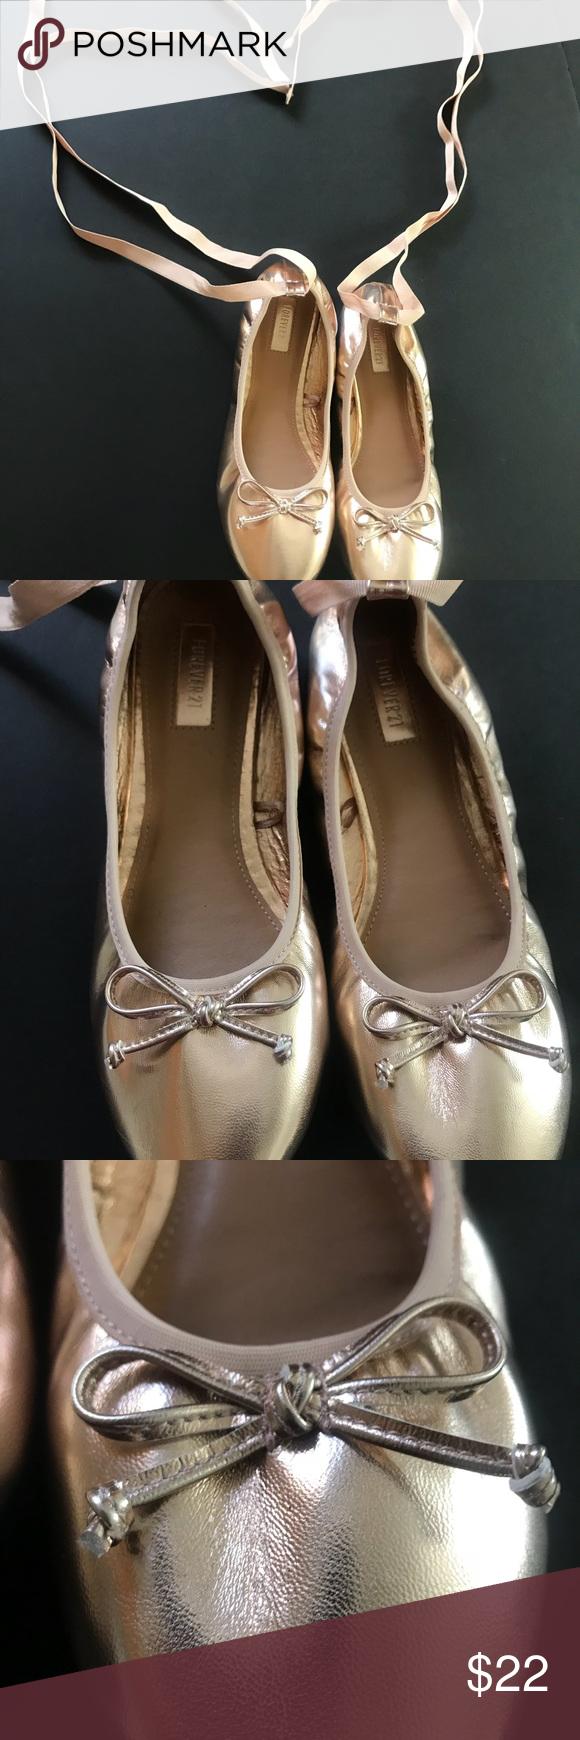 ae250ad64fb NWT Rose Gold Lace Up Ballerina Metallic Flats •Lace up ballerina flats•  SMOKE  PET FREE ENVIRONMENT NO TRADES NO holes